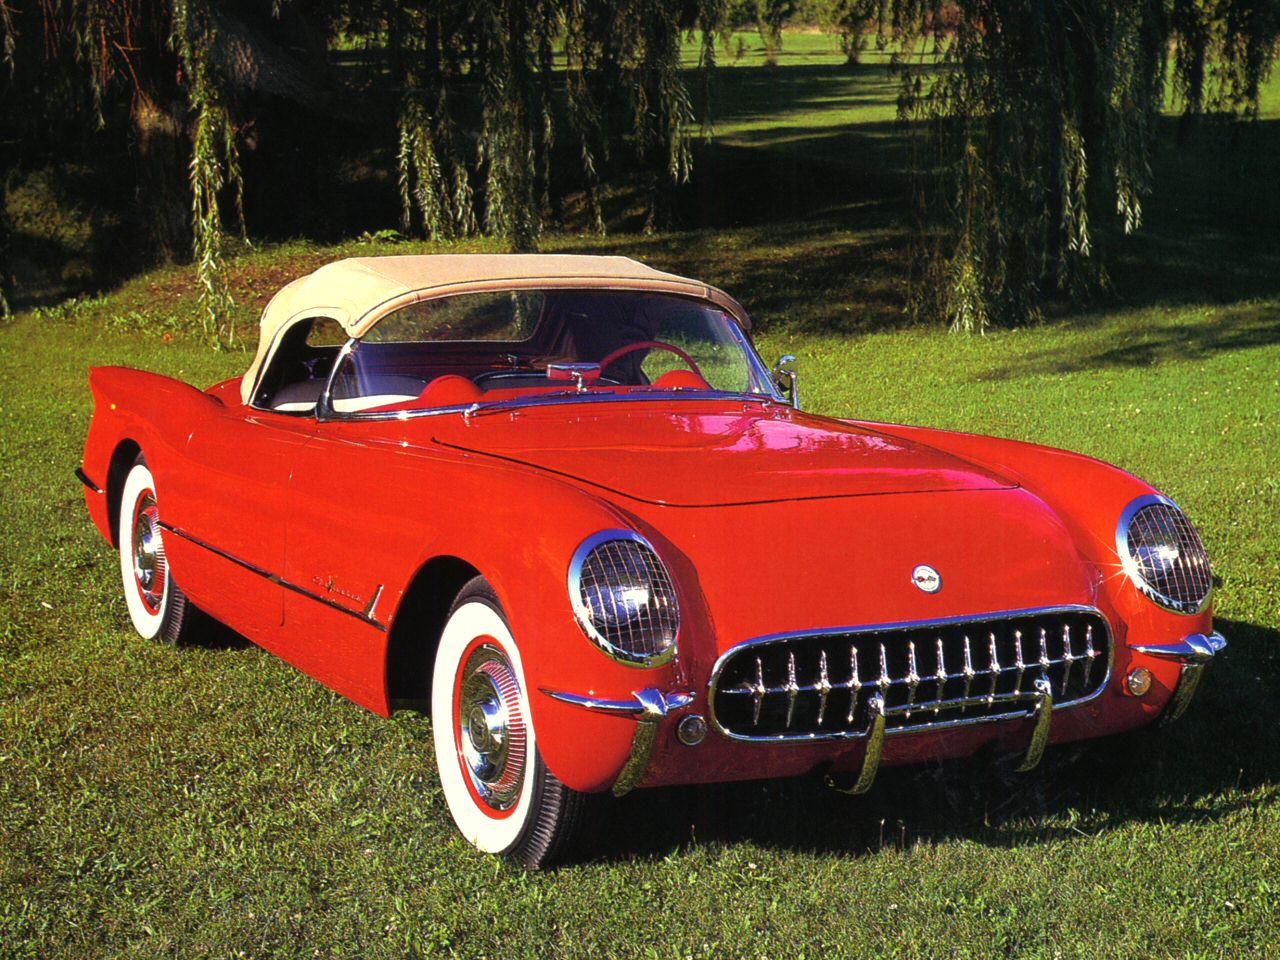 1955 dodge royal lancer convertible cream black fvr cars - 30 1955 Chevrolet Corvette 265 V 8 Roadster Red